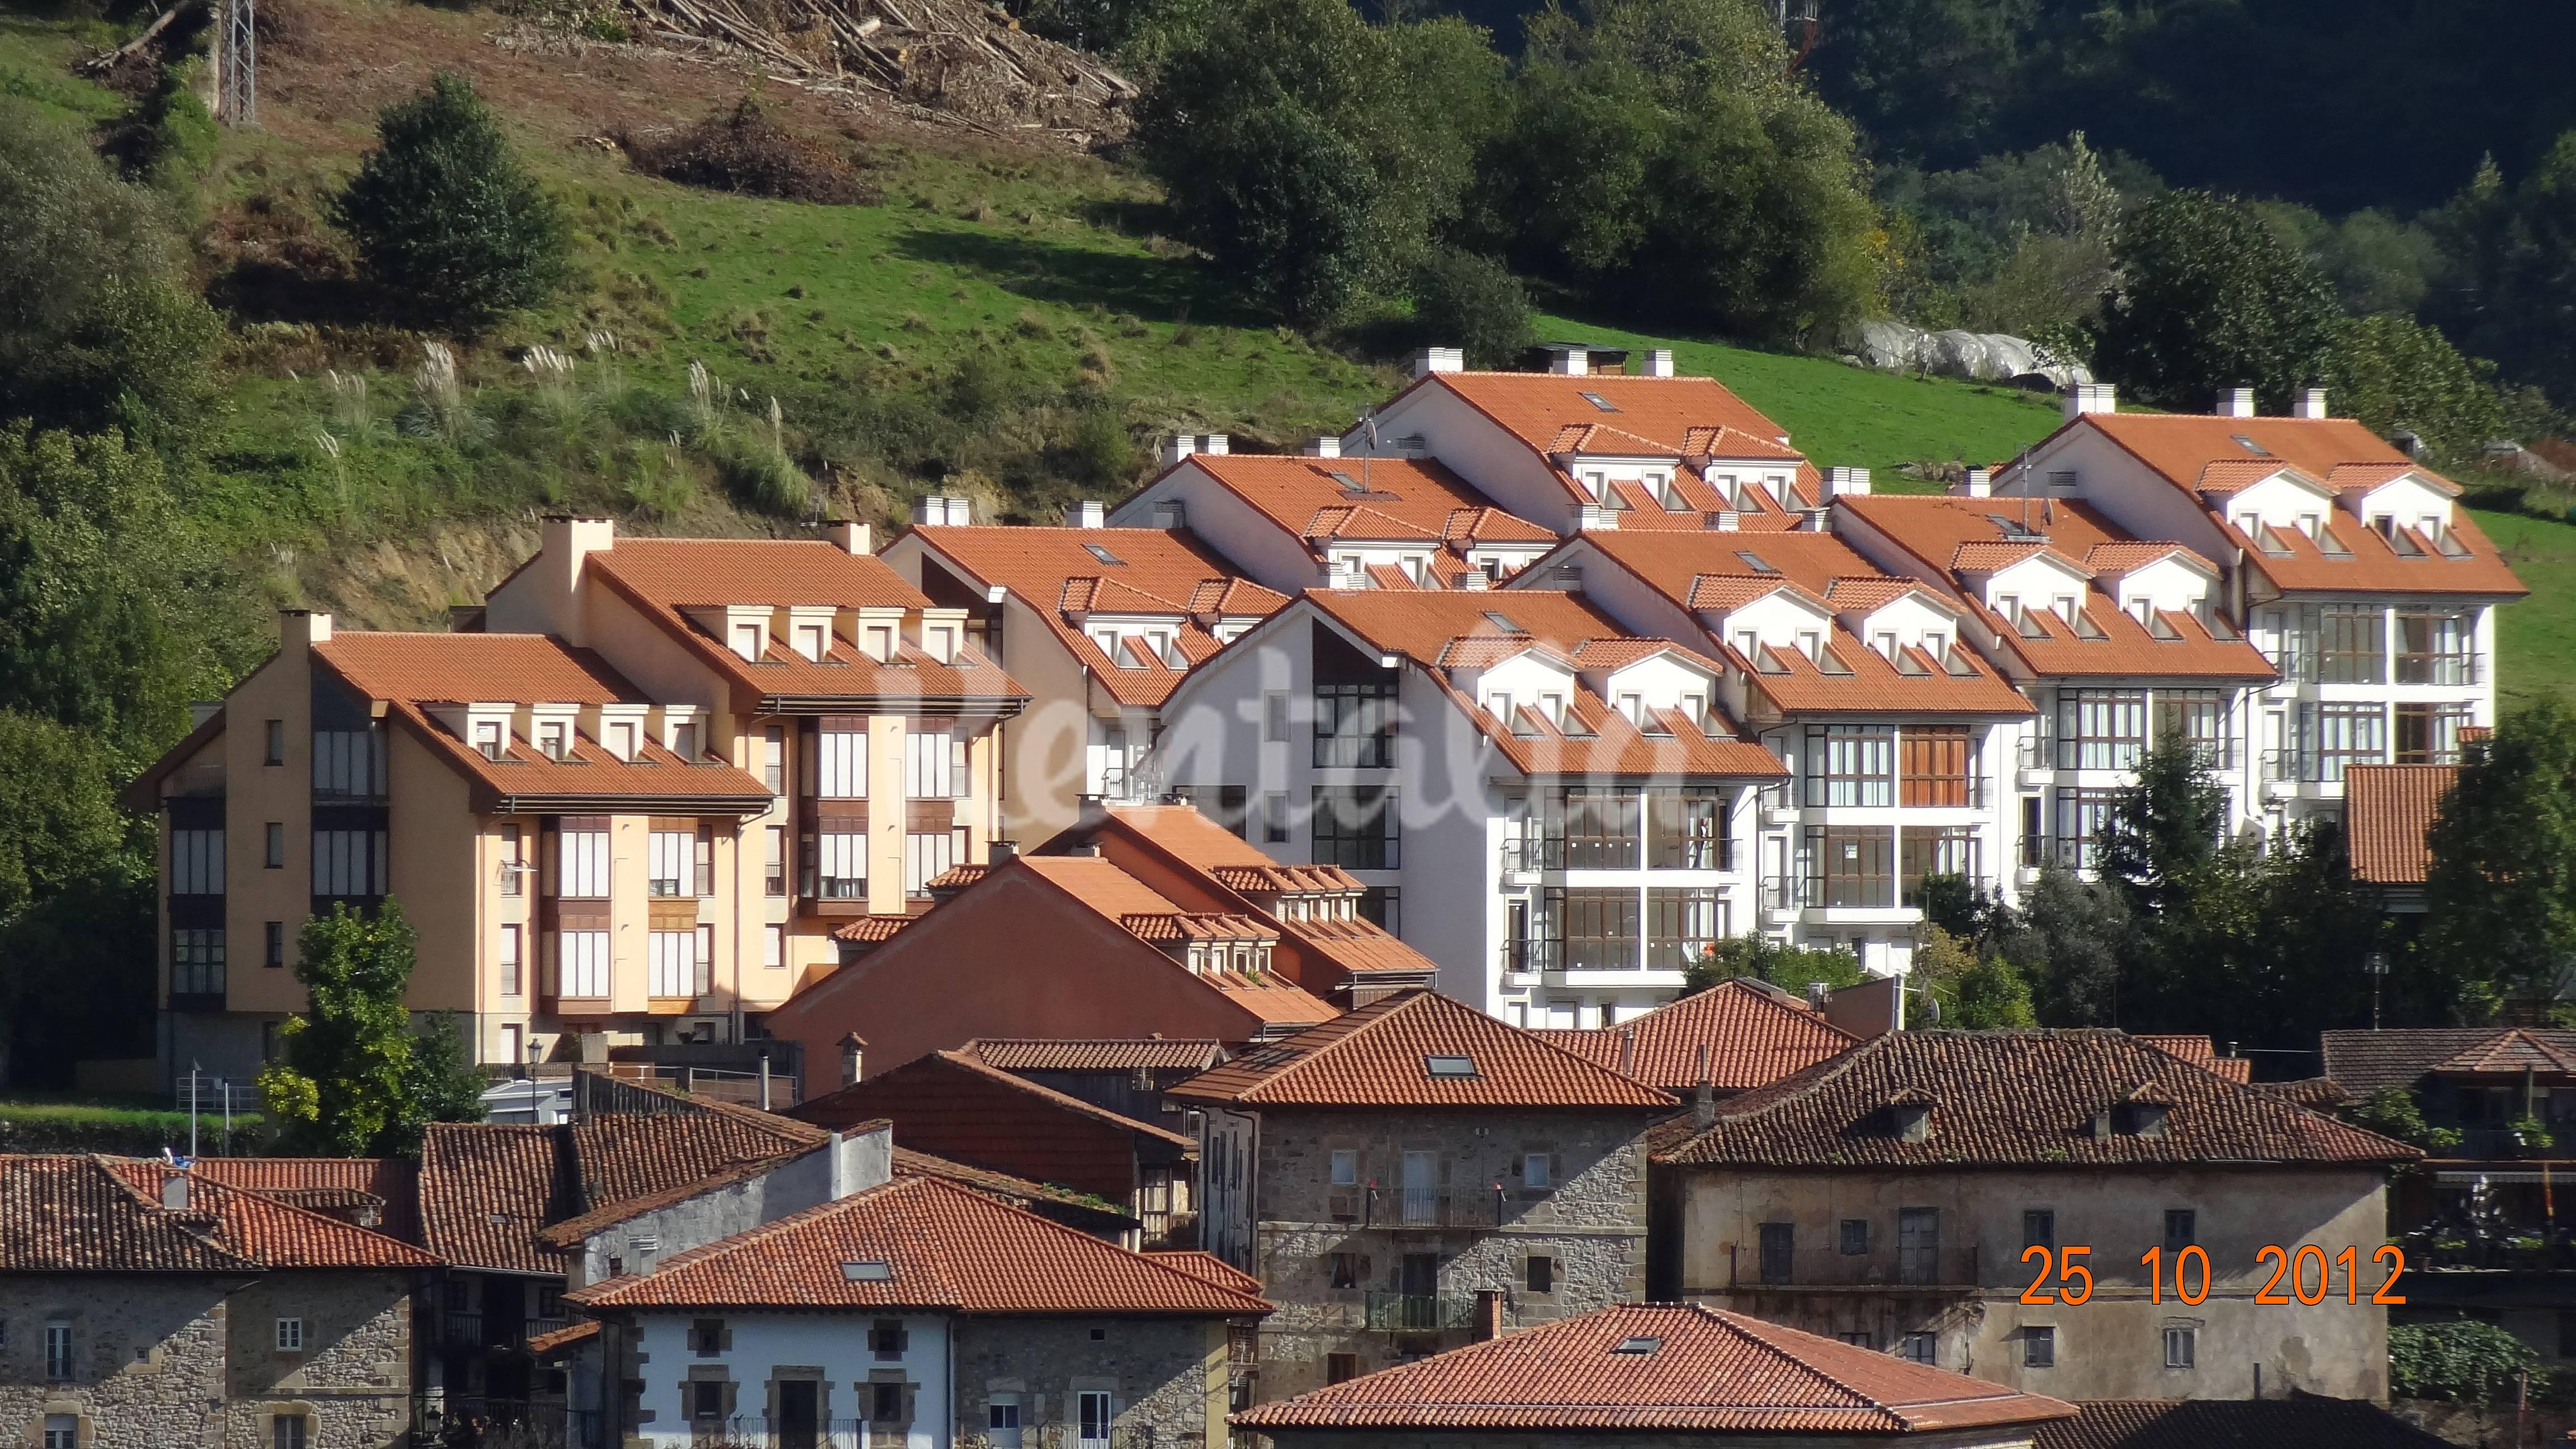 Alquiler vacaciones apartamentos y casas rurales en limpias cantabria - Casas alquiler castro urdiales ...